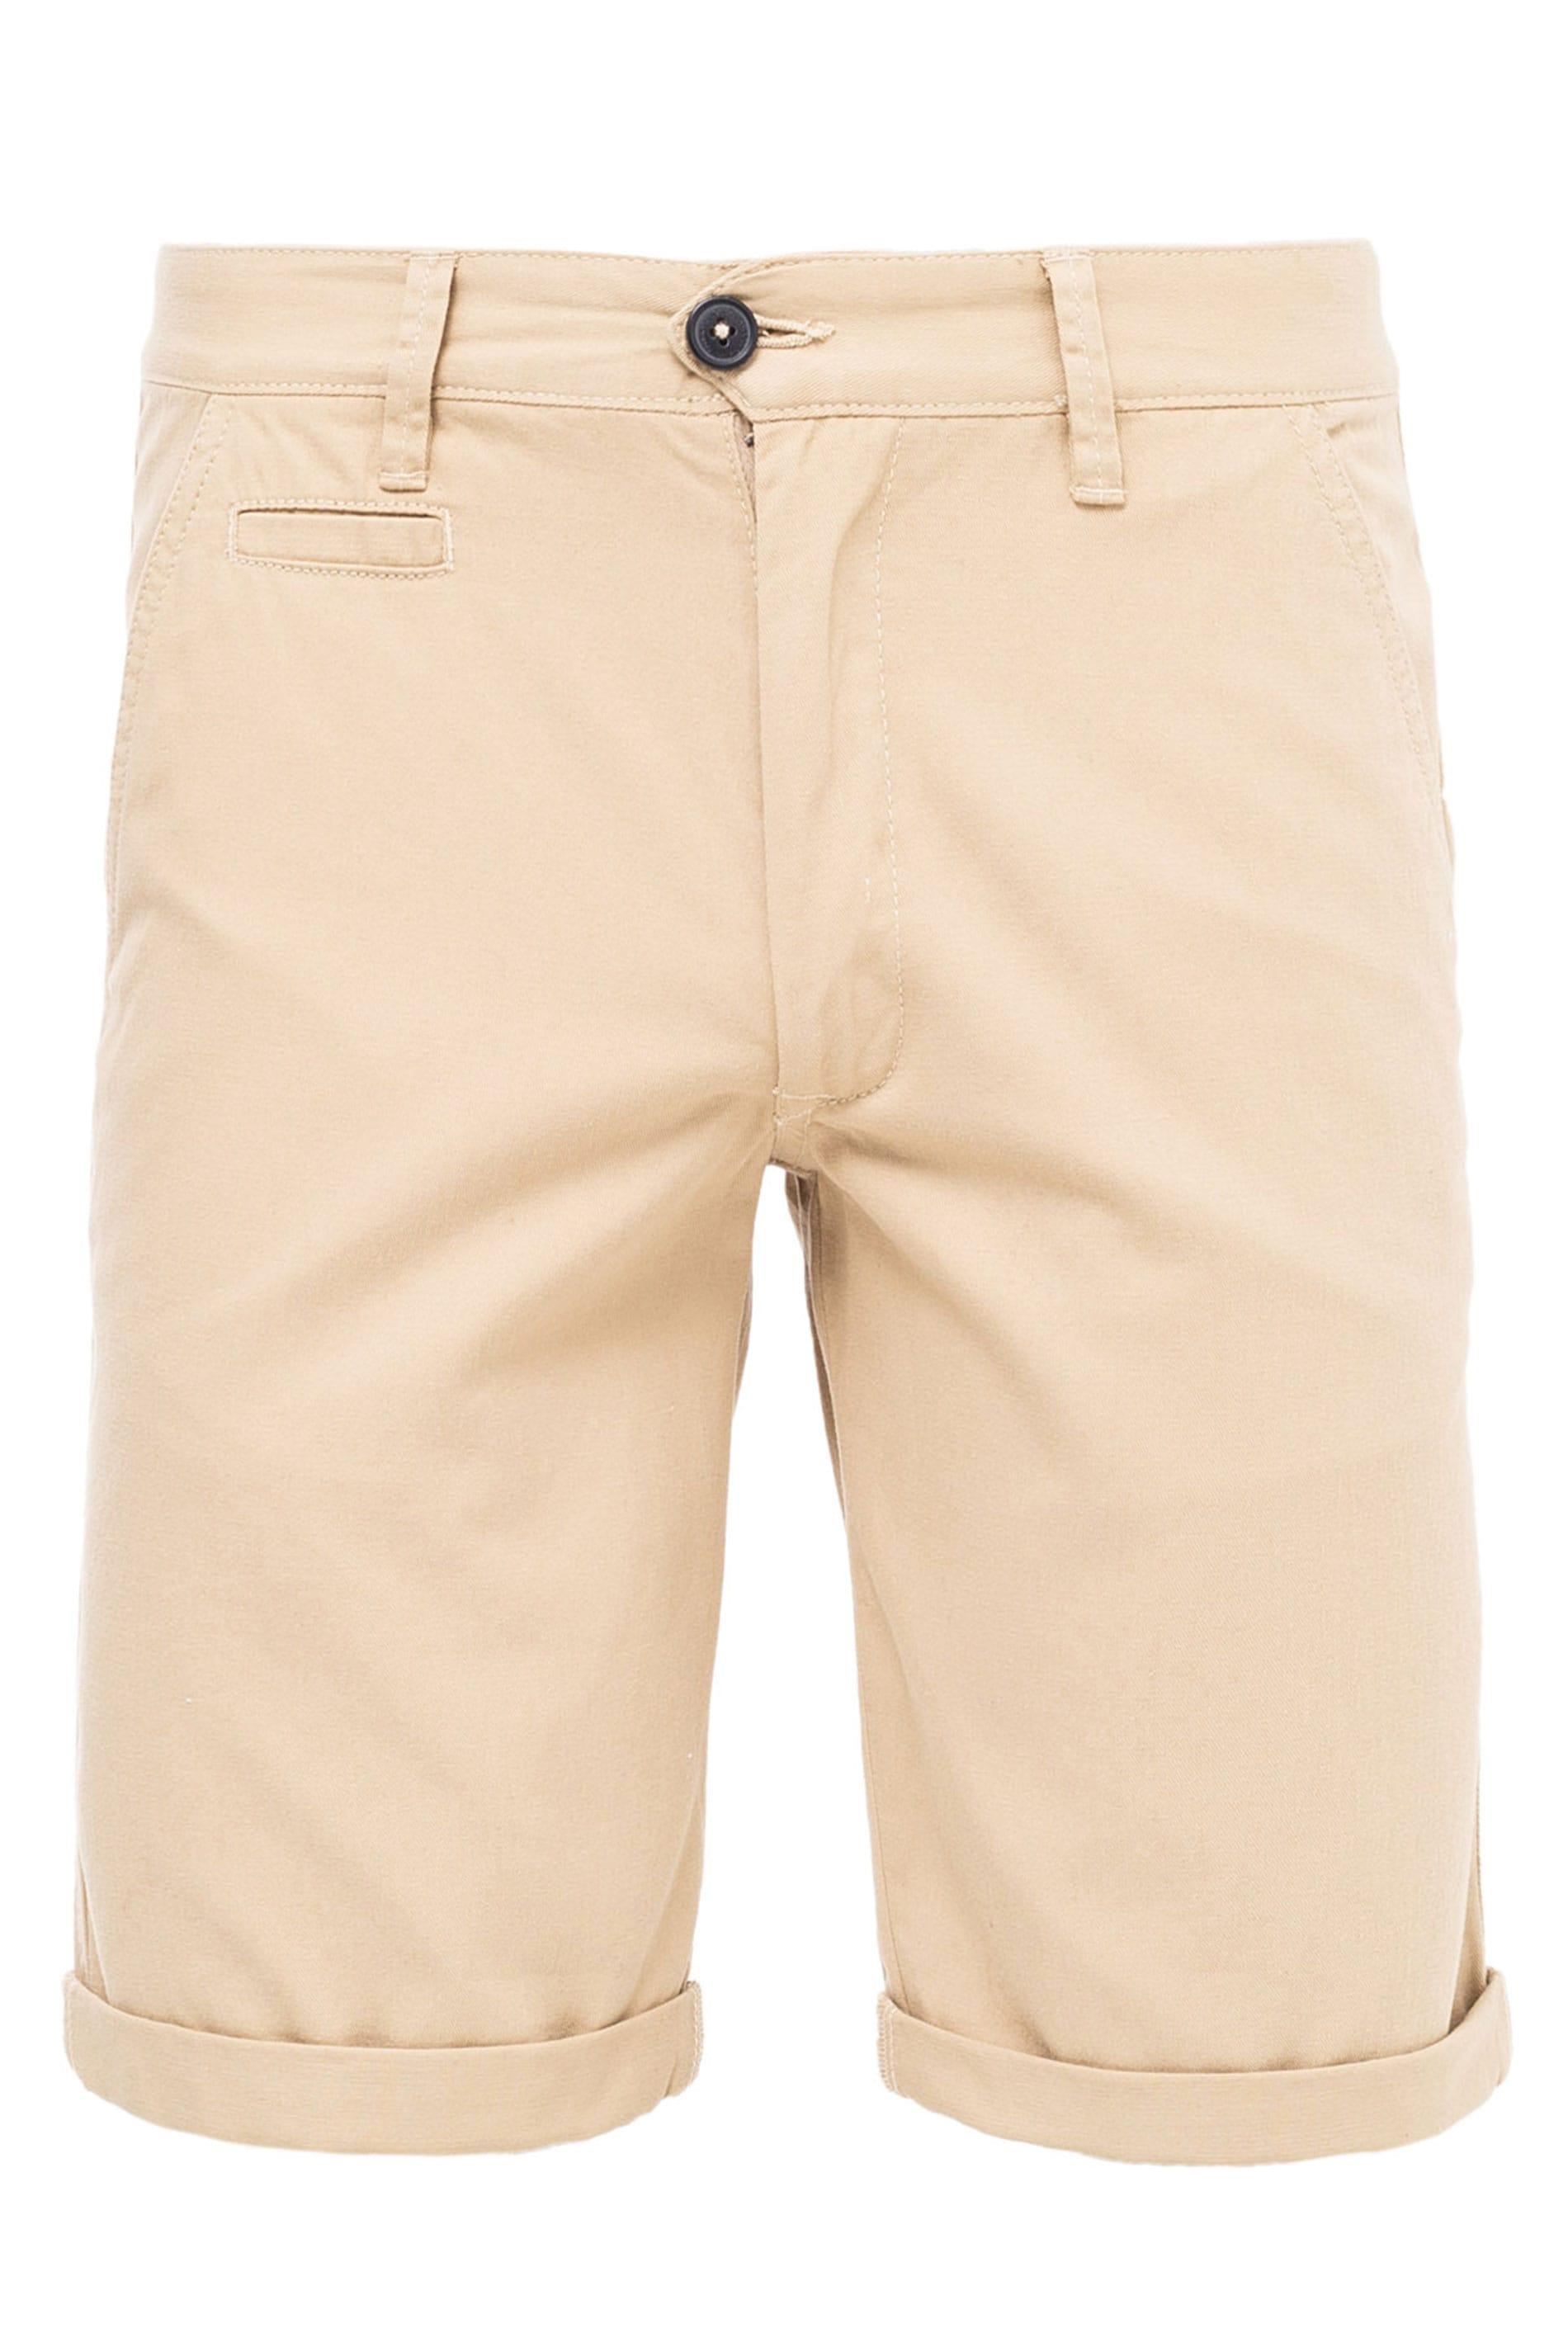 KANGOL Stone Chino Shorts